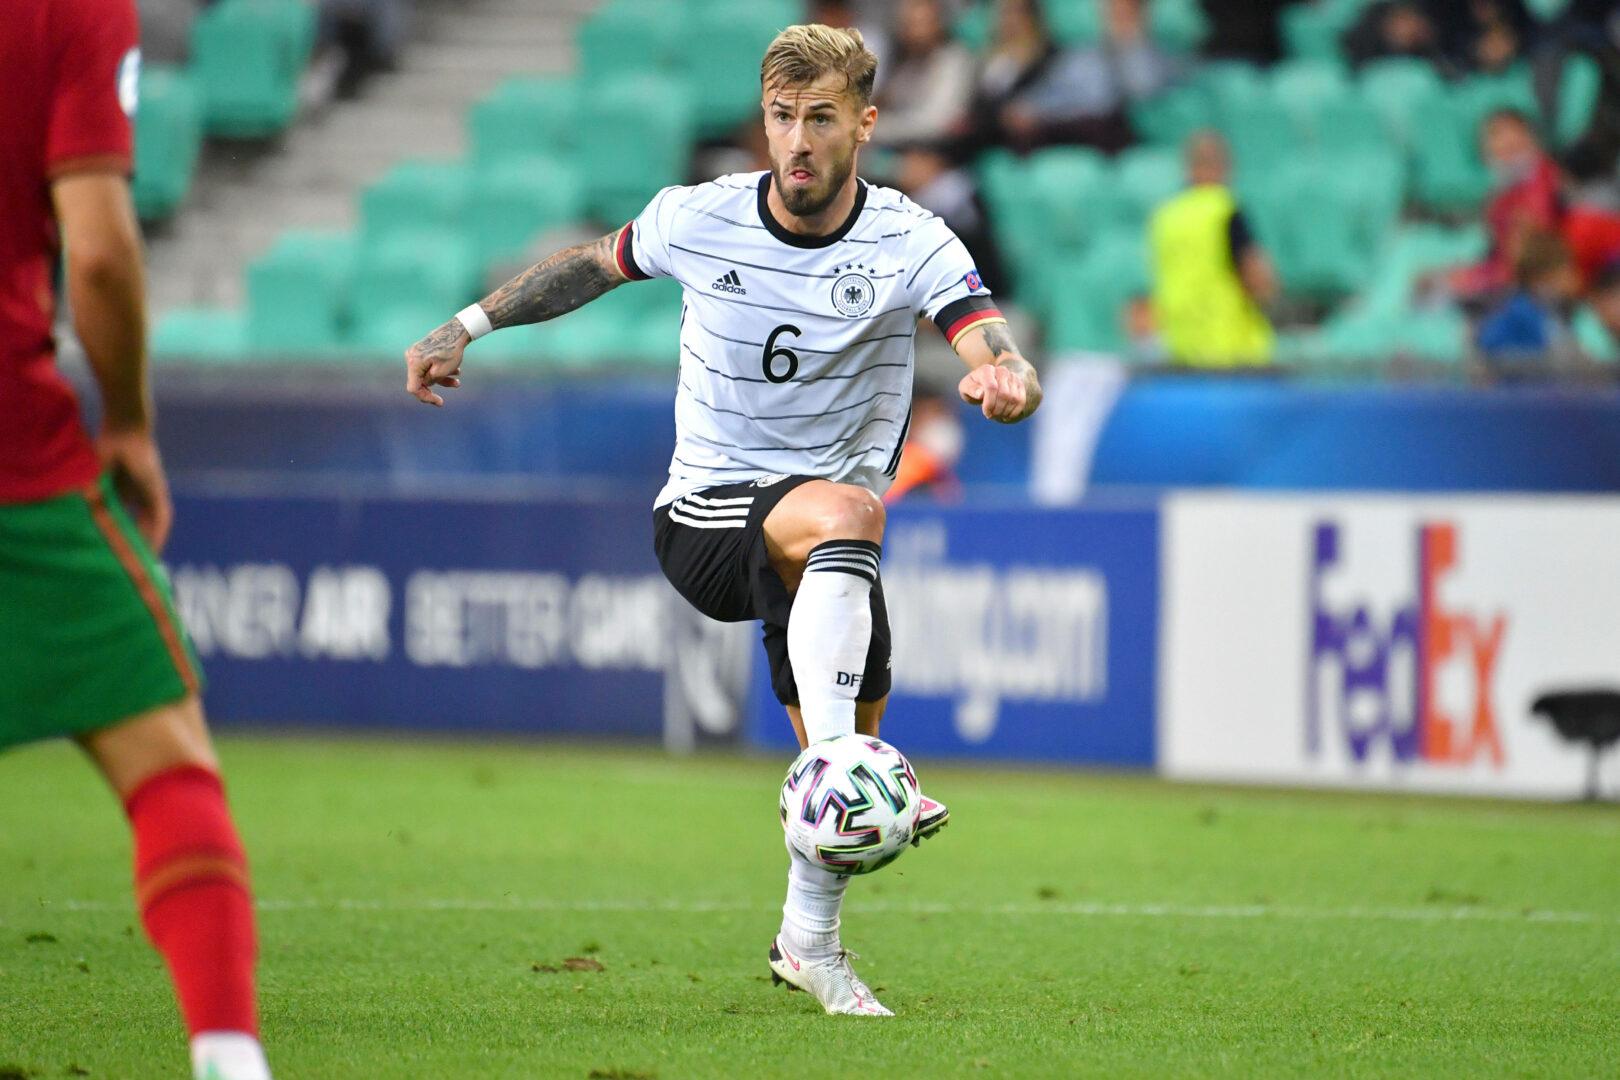 Bestätigt: FC Augsburg verpflichtet U21-Europameister Niklas Dorsch